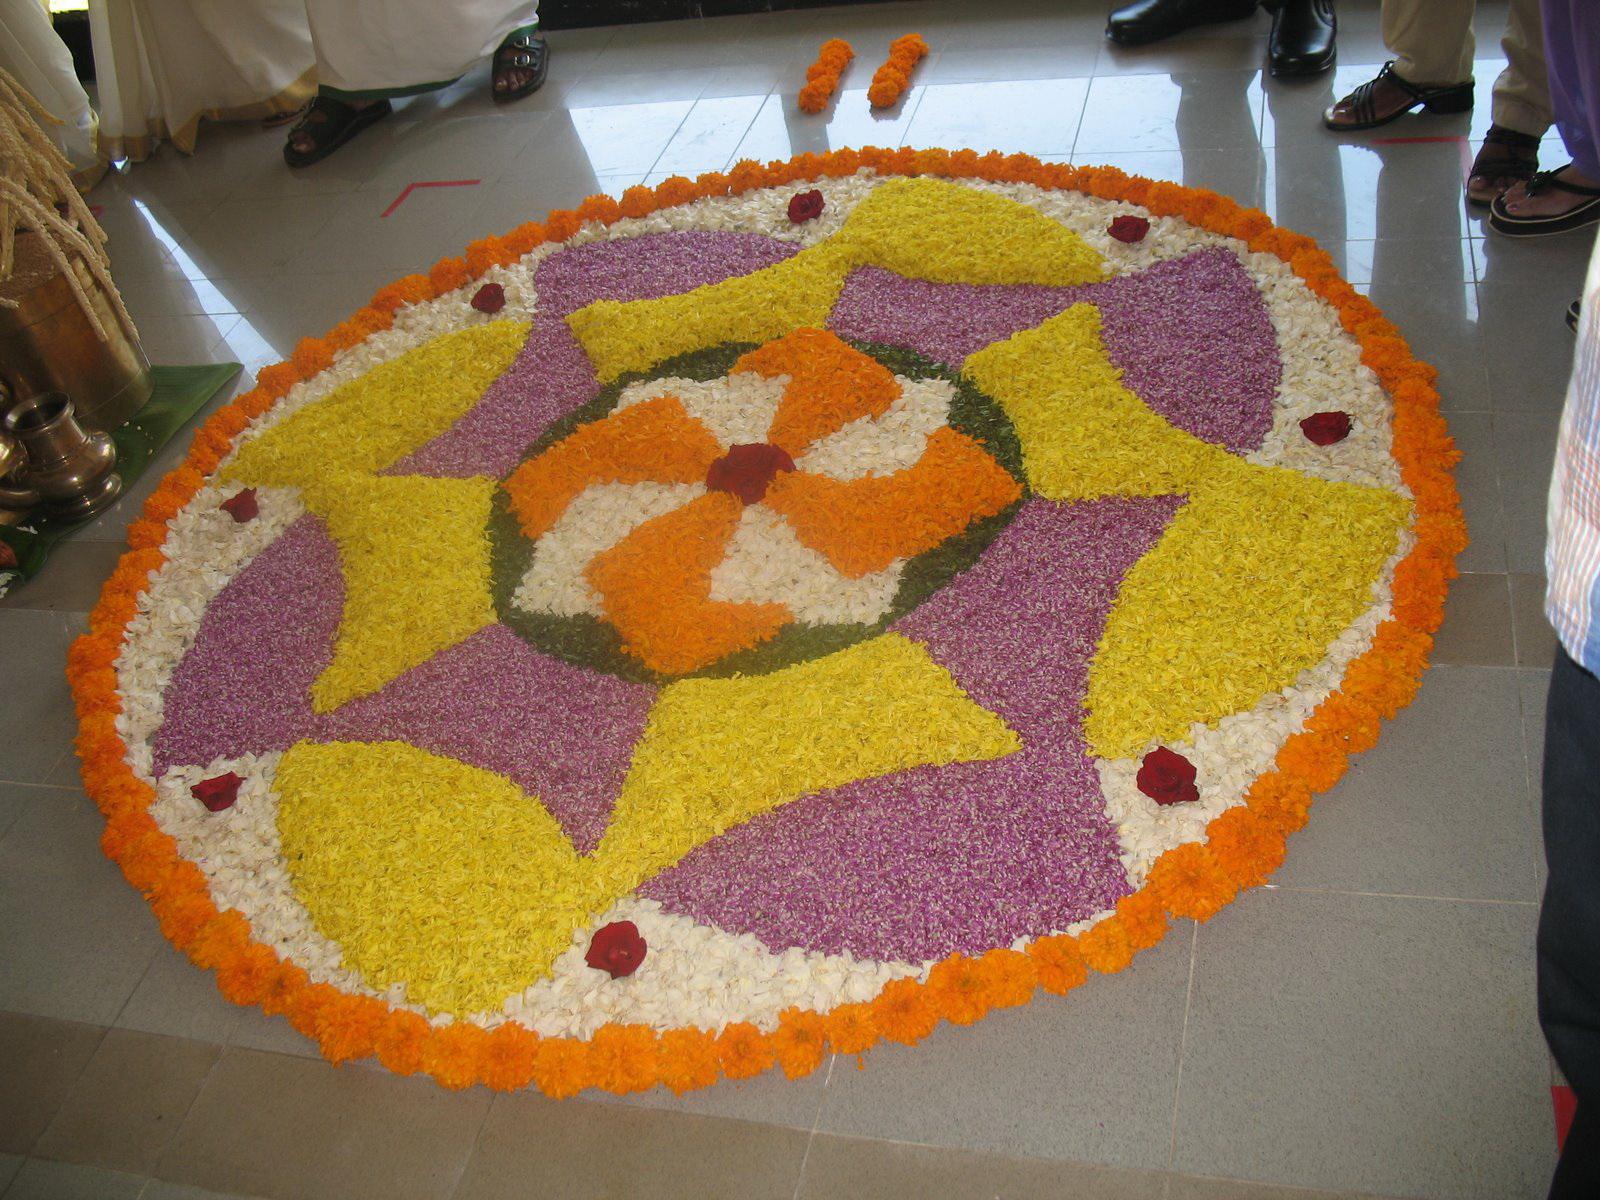 http://2.bp.blogspot.com/-Lfu8VxBCKeQ/UDM_n2_OMdI/AAAAAAAAHZc/EbY8vJGZ8rc/s1600/beautiful-onam-pookalam-designs.jpg